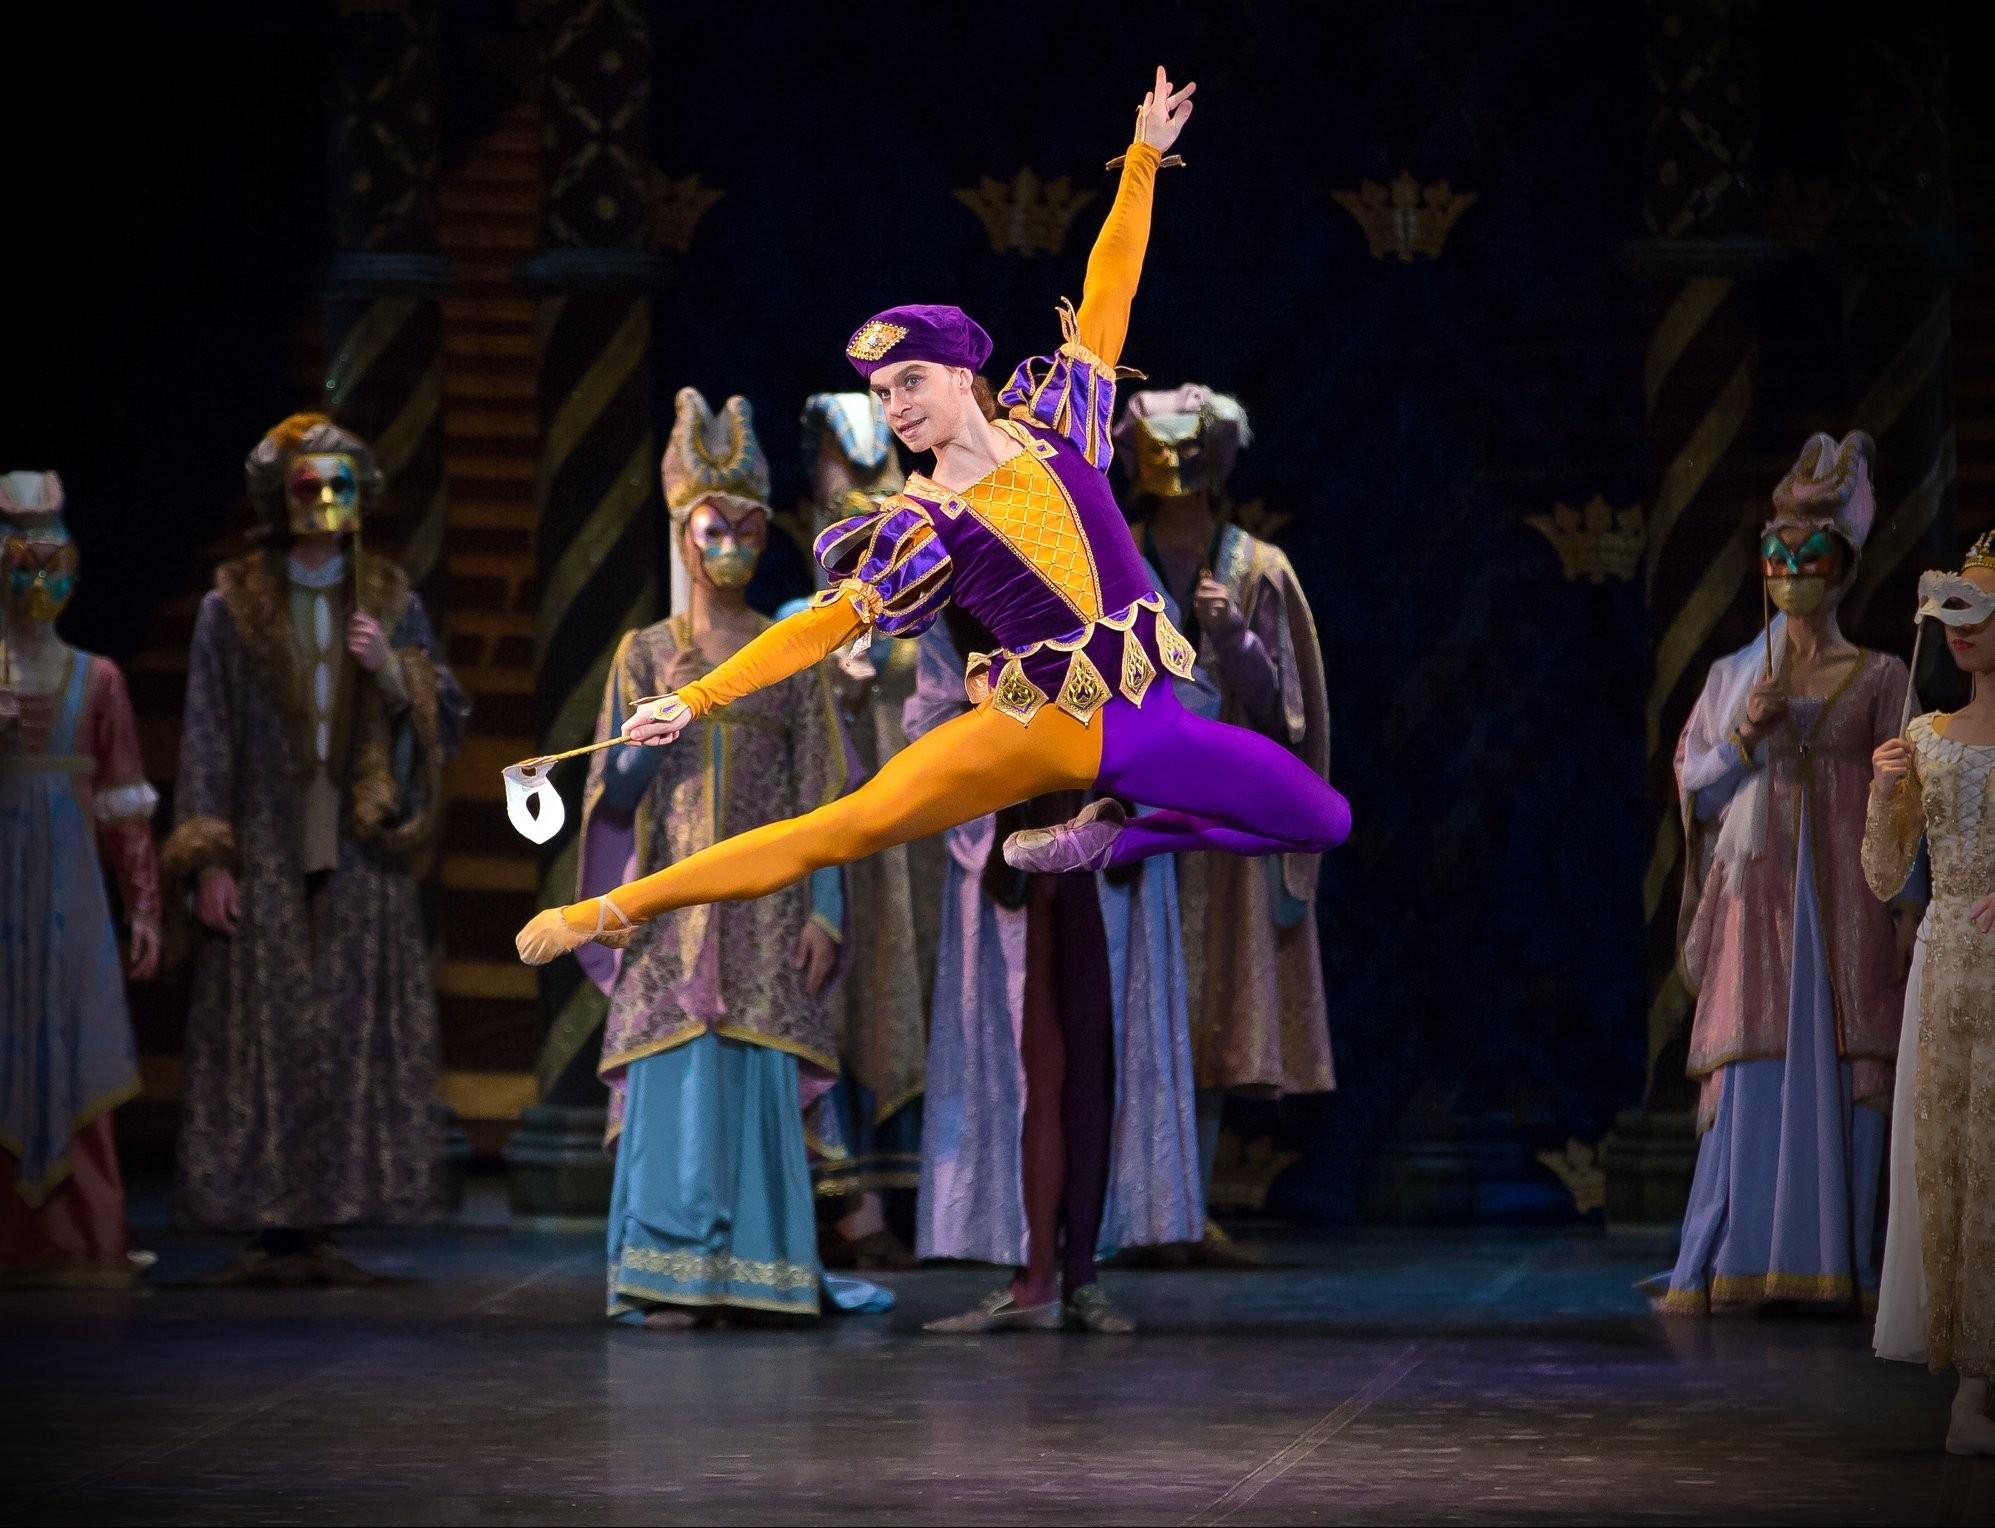 """Бессмертное произведение  П. Чайковского """"Лебединое озеро"""" на сцене Астраханского театра"""